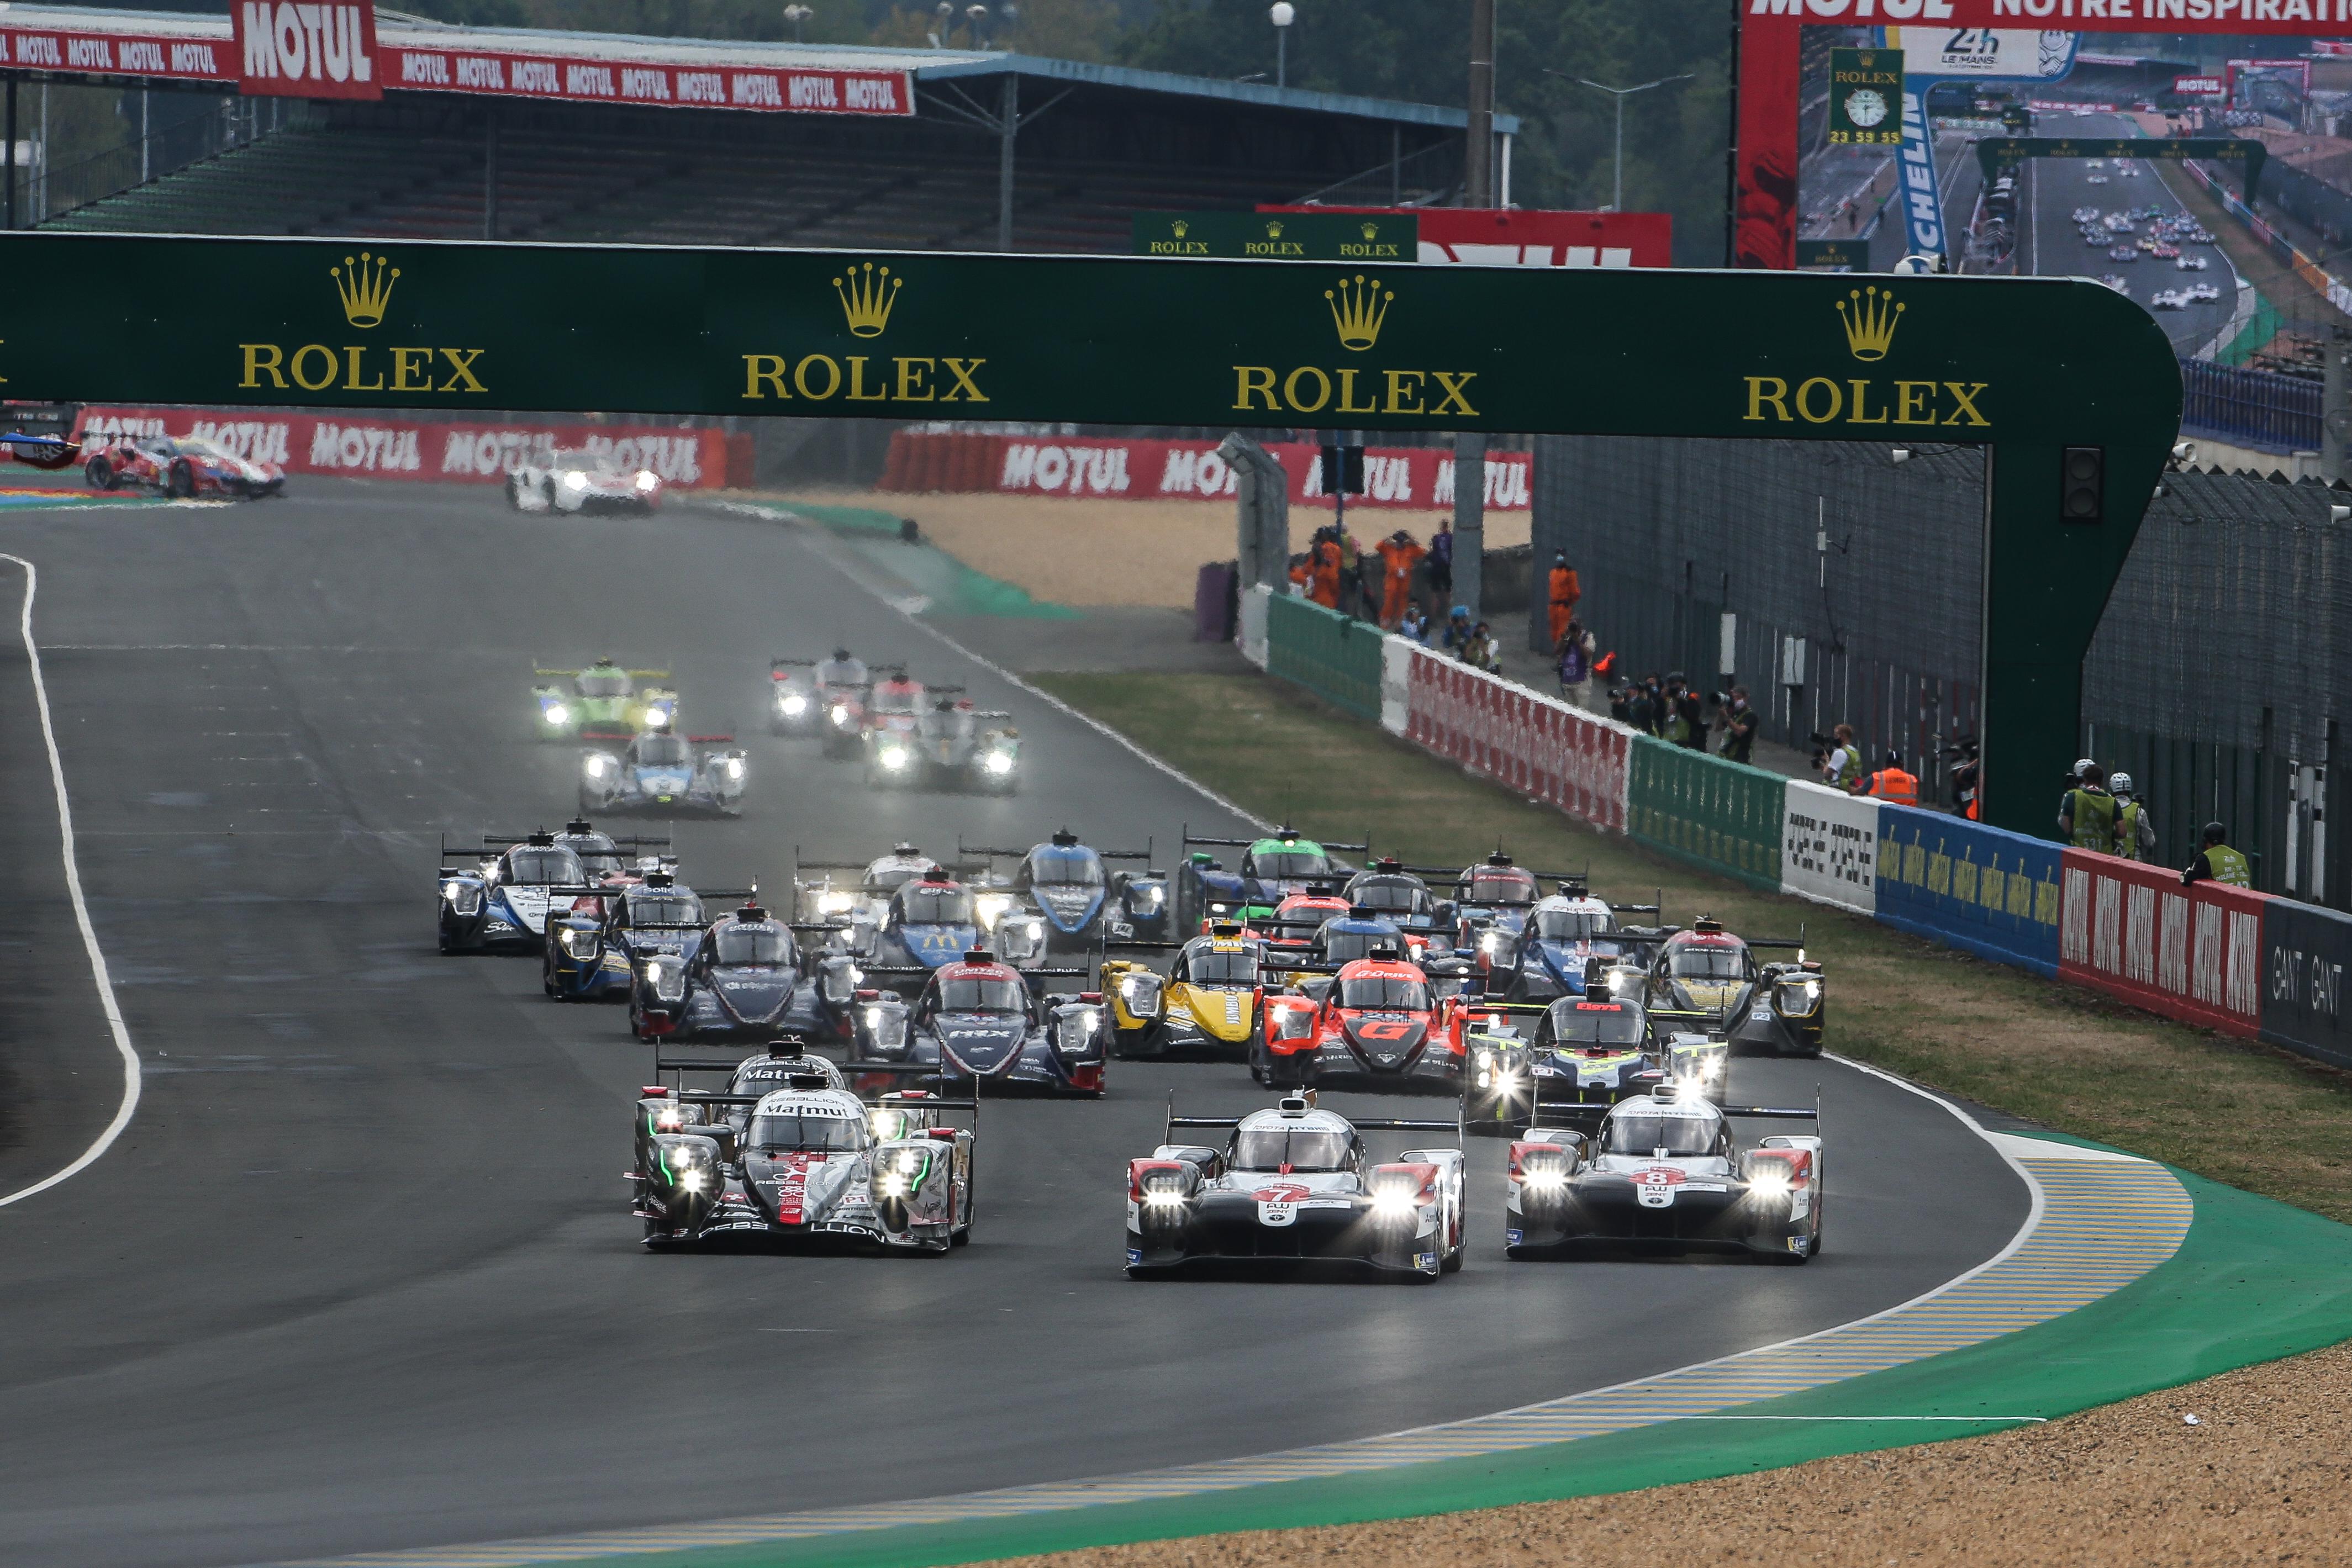 Le Mans 24 Hours 2020